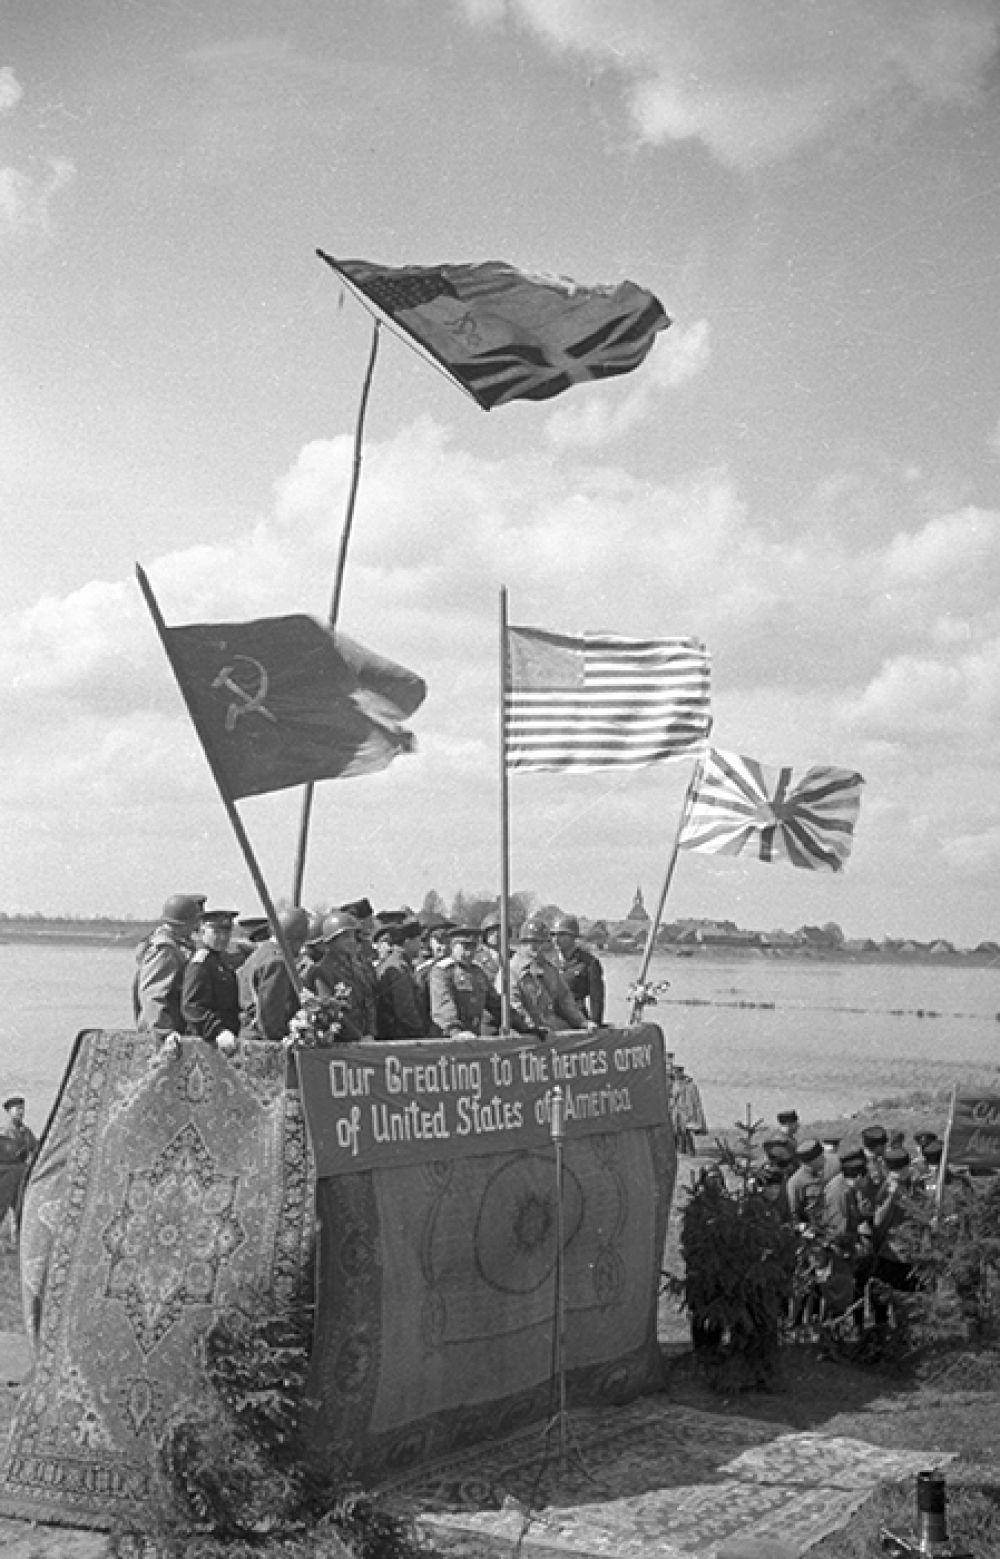 Митинг по случаю встречи на Эльбе 3-го гвардейского кавалерийского корпуса генерал-лейтенанта Н.О. Осликовского с частями 13-го армейского корпуса США генерала Гилля.